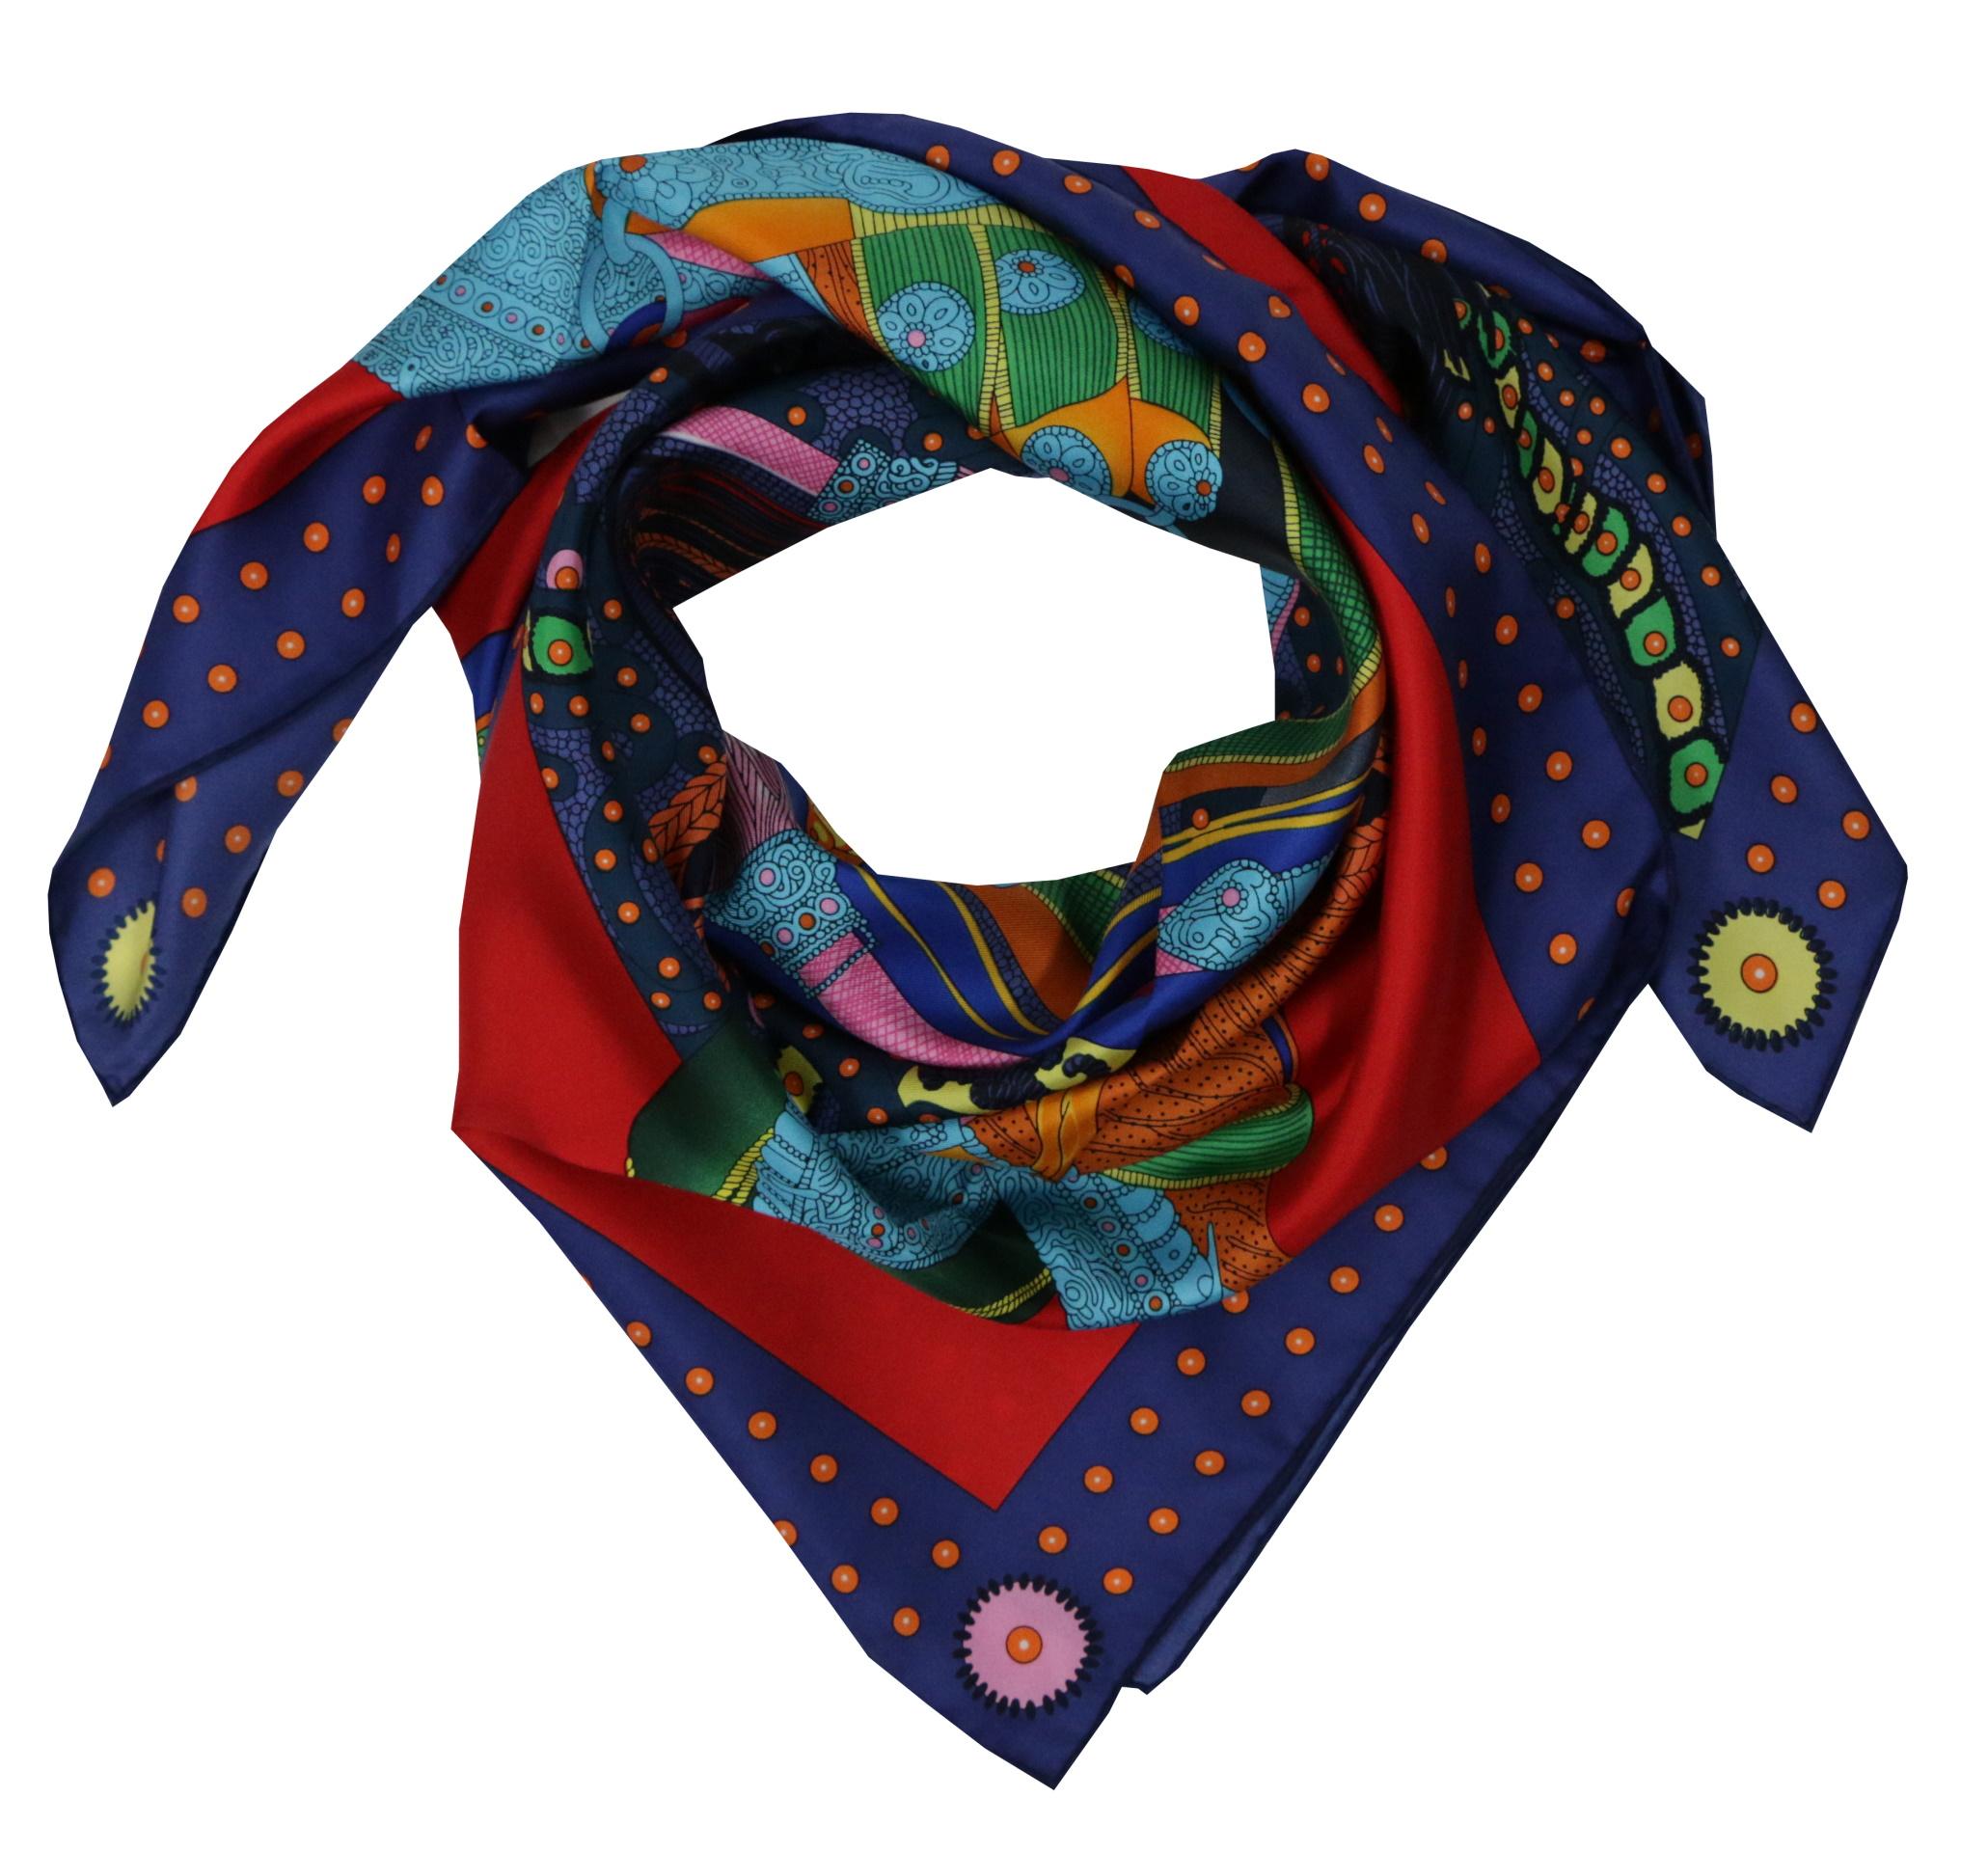 FOULARD I FOULARD SCIARPA DONNA 100 SETA 90CMX90CM 1 1stAmerican foulard/sciarpa 100% seta da donna 90cmx90cm